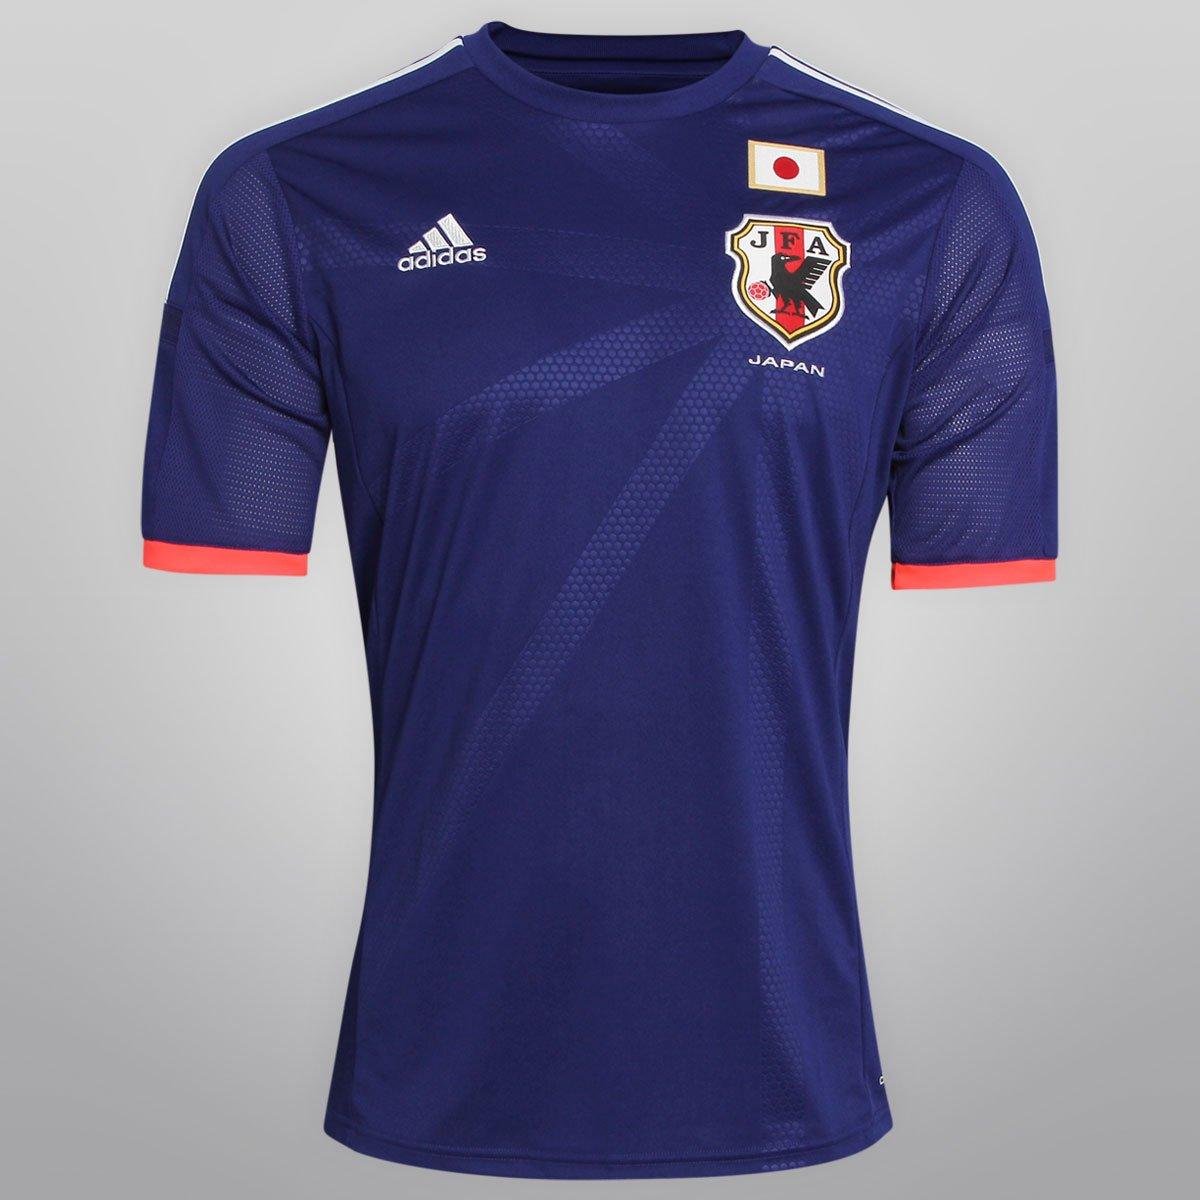 Camisa Adidas Seleção Japão Home 2014 s nº - Torcedor - Compre Agora ... b7f4f42b46e36